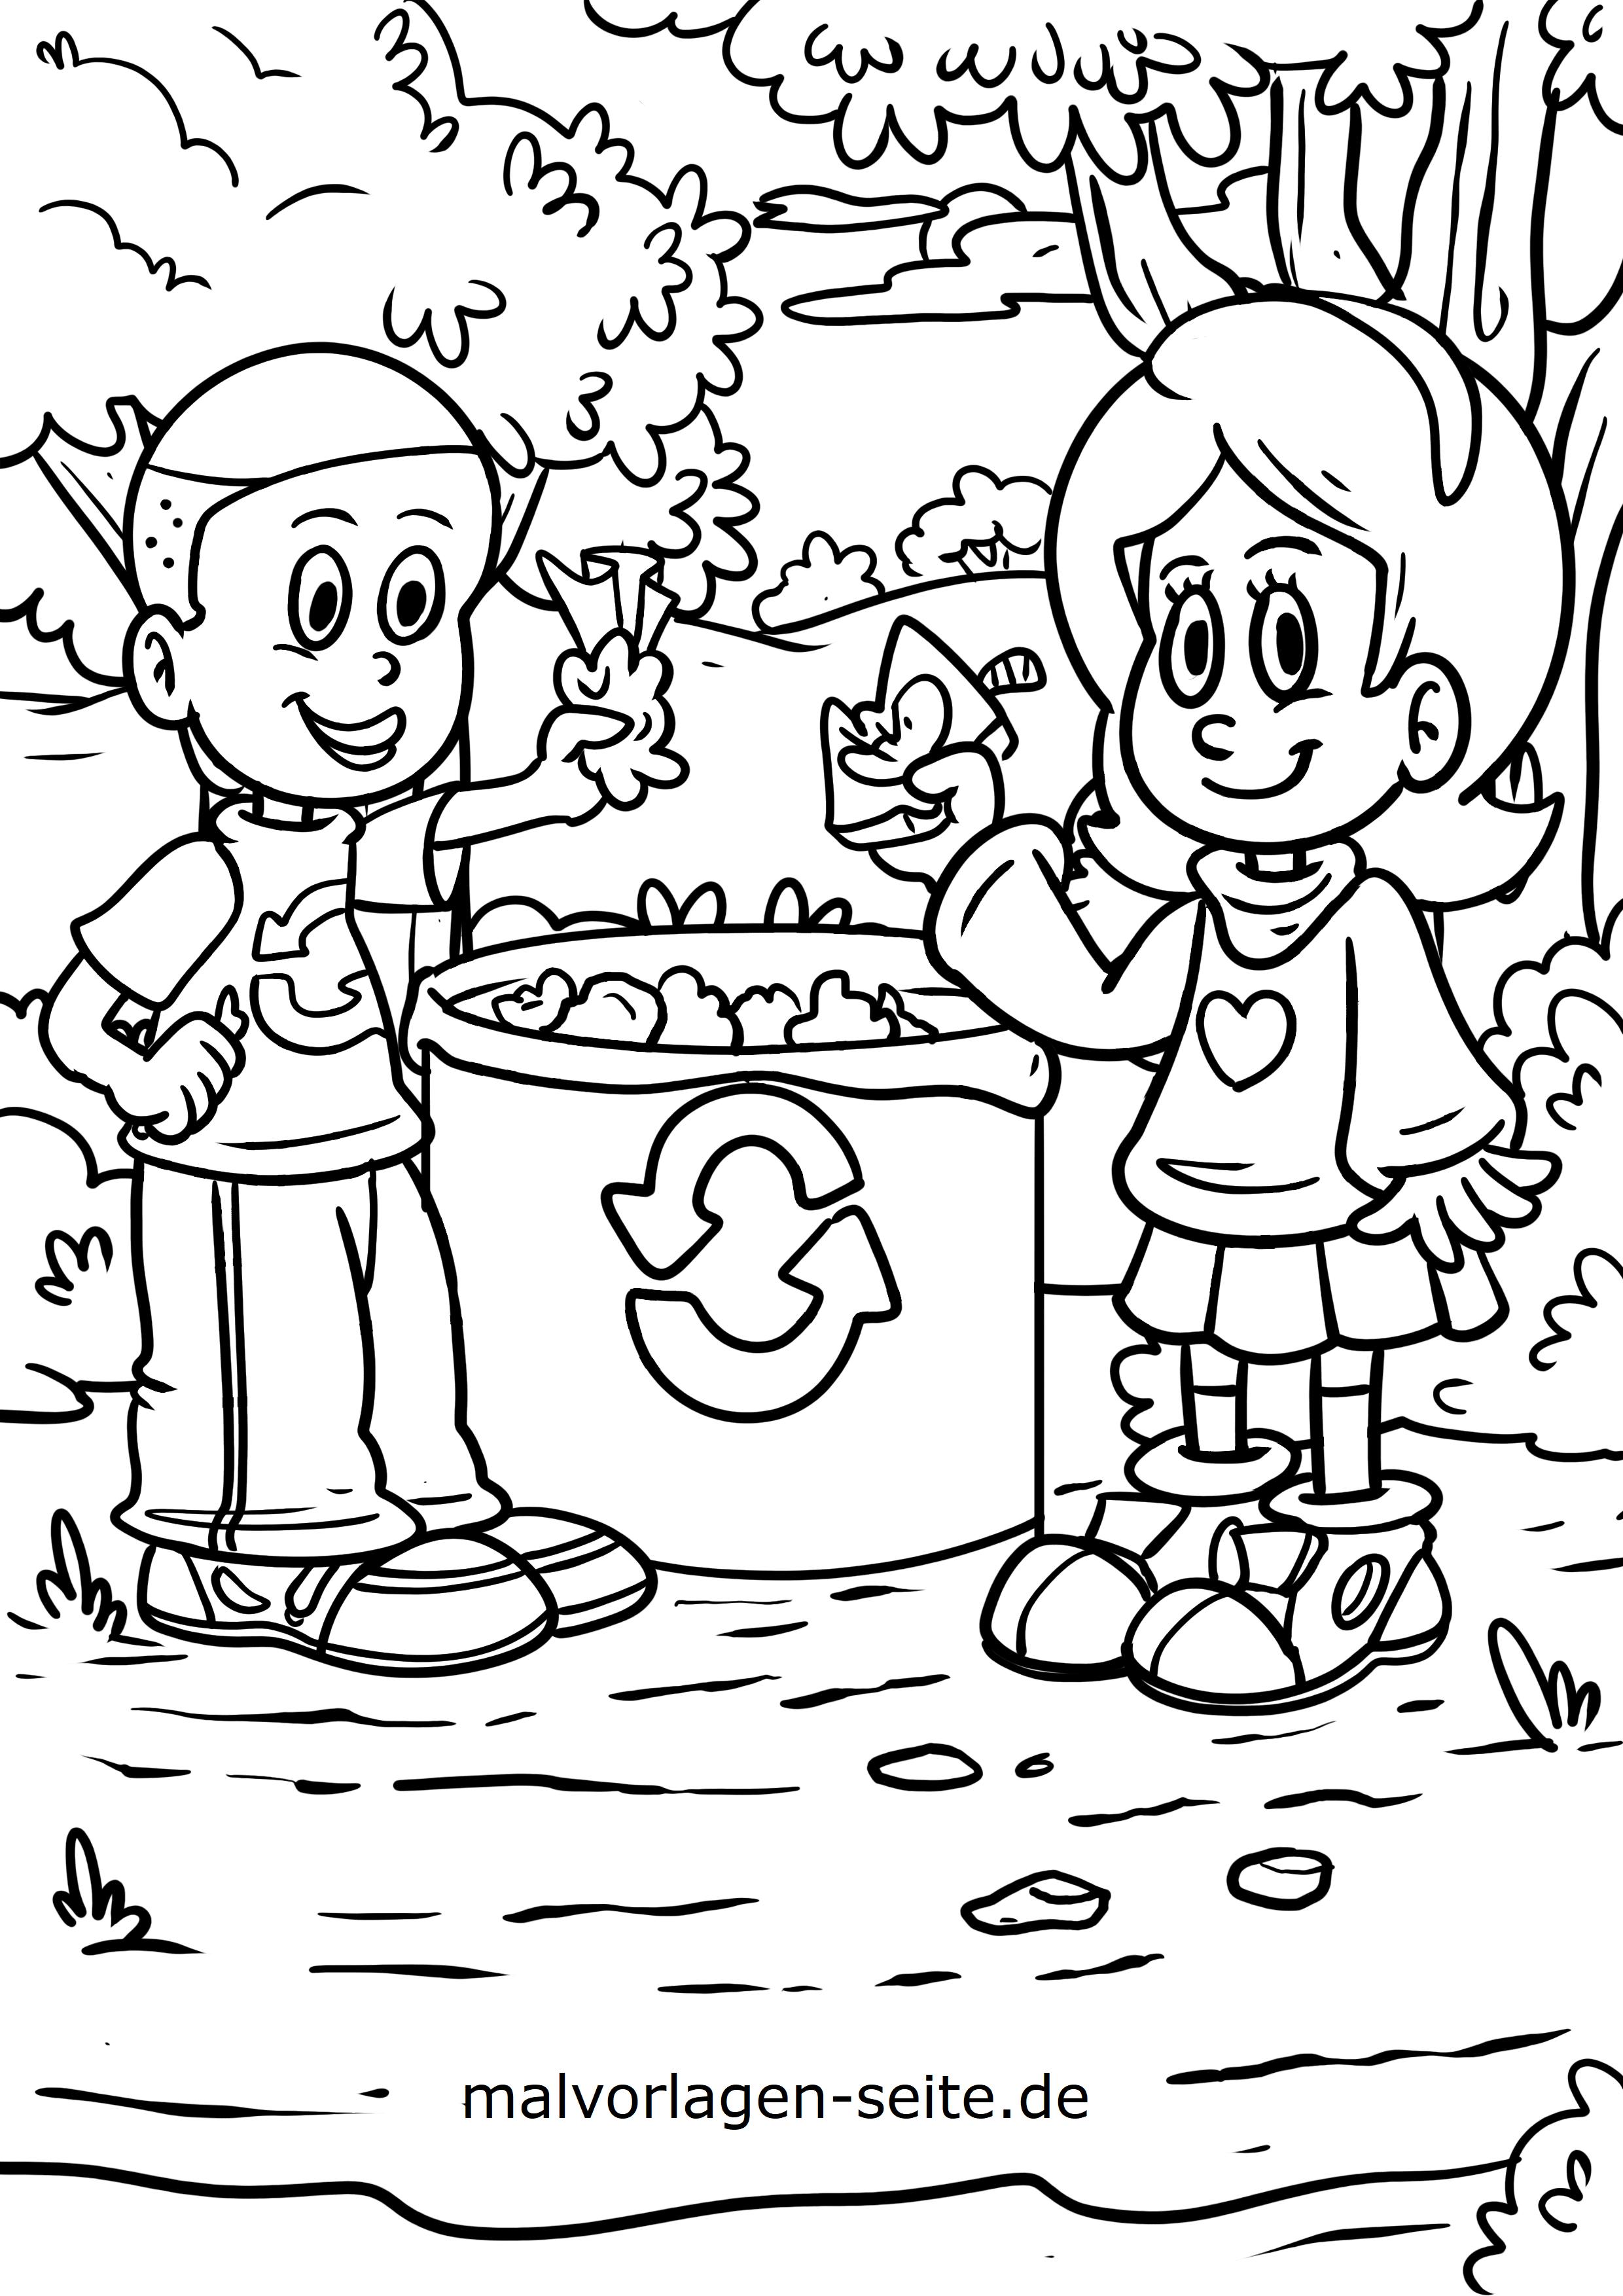 Ausmalbilder / kindgerechte Malvorlagen Umweltschutz und Recycling